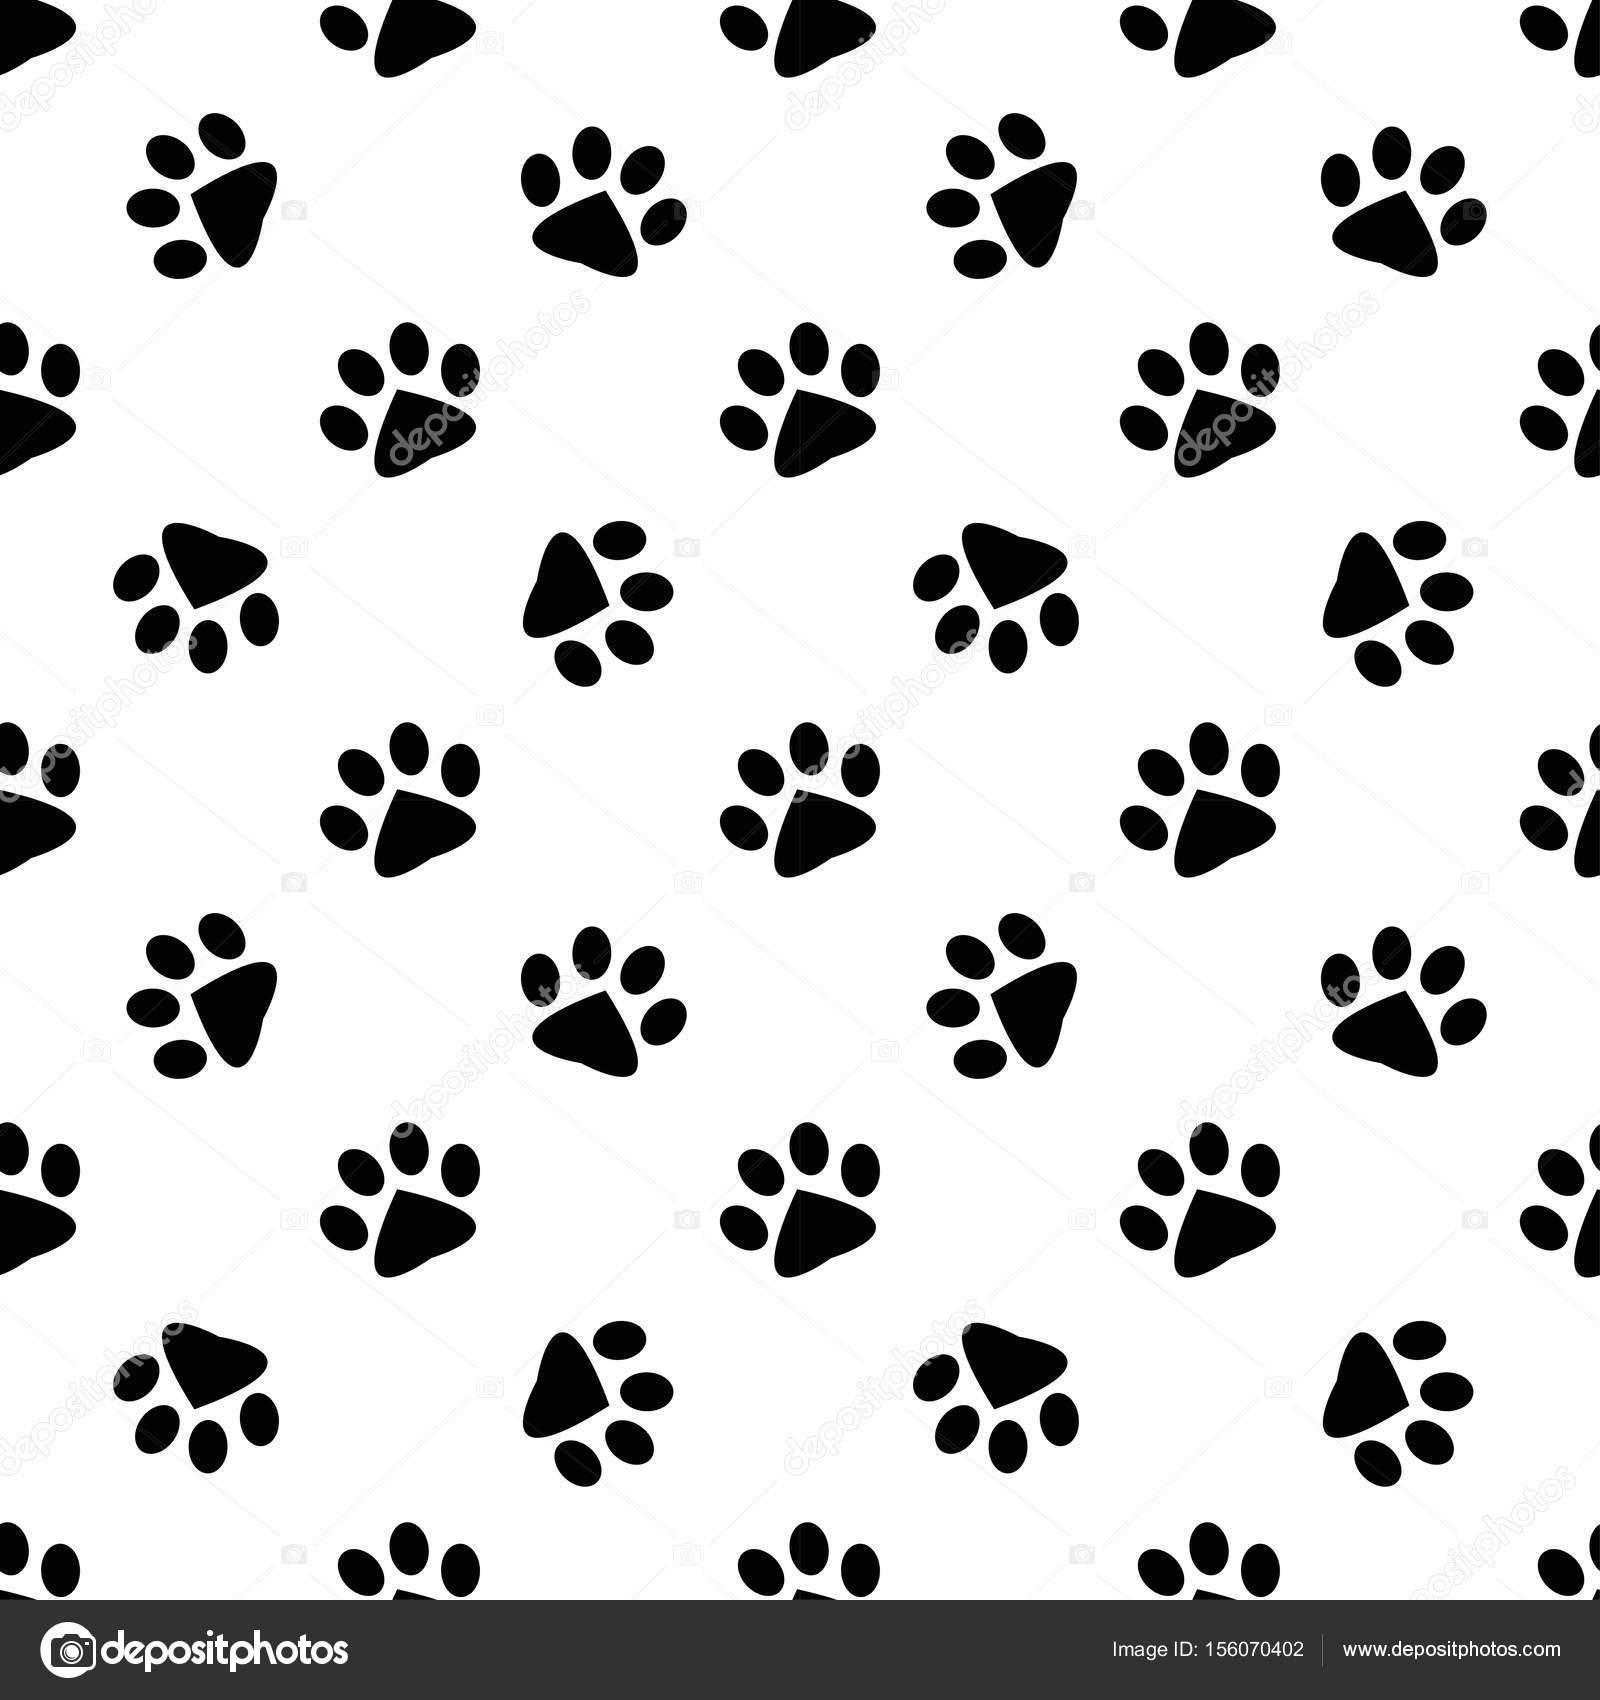 動物の足跡のパターン — ストックベクター © ann_precious #156070402